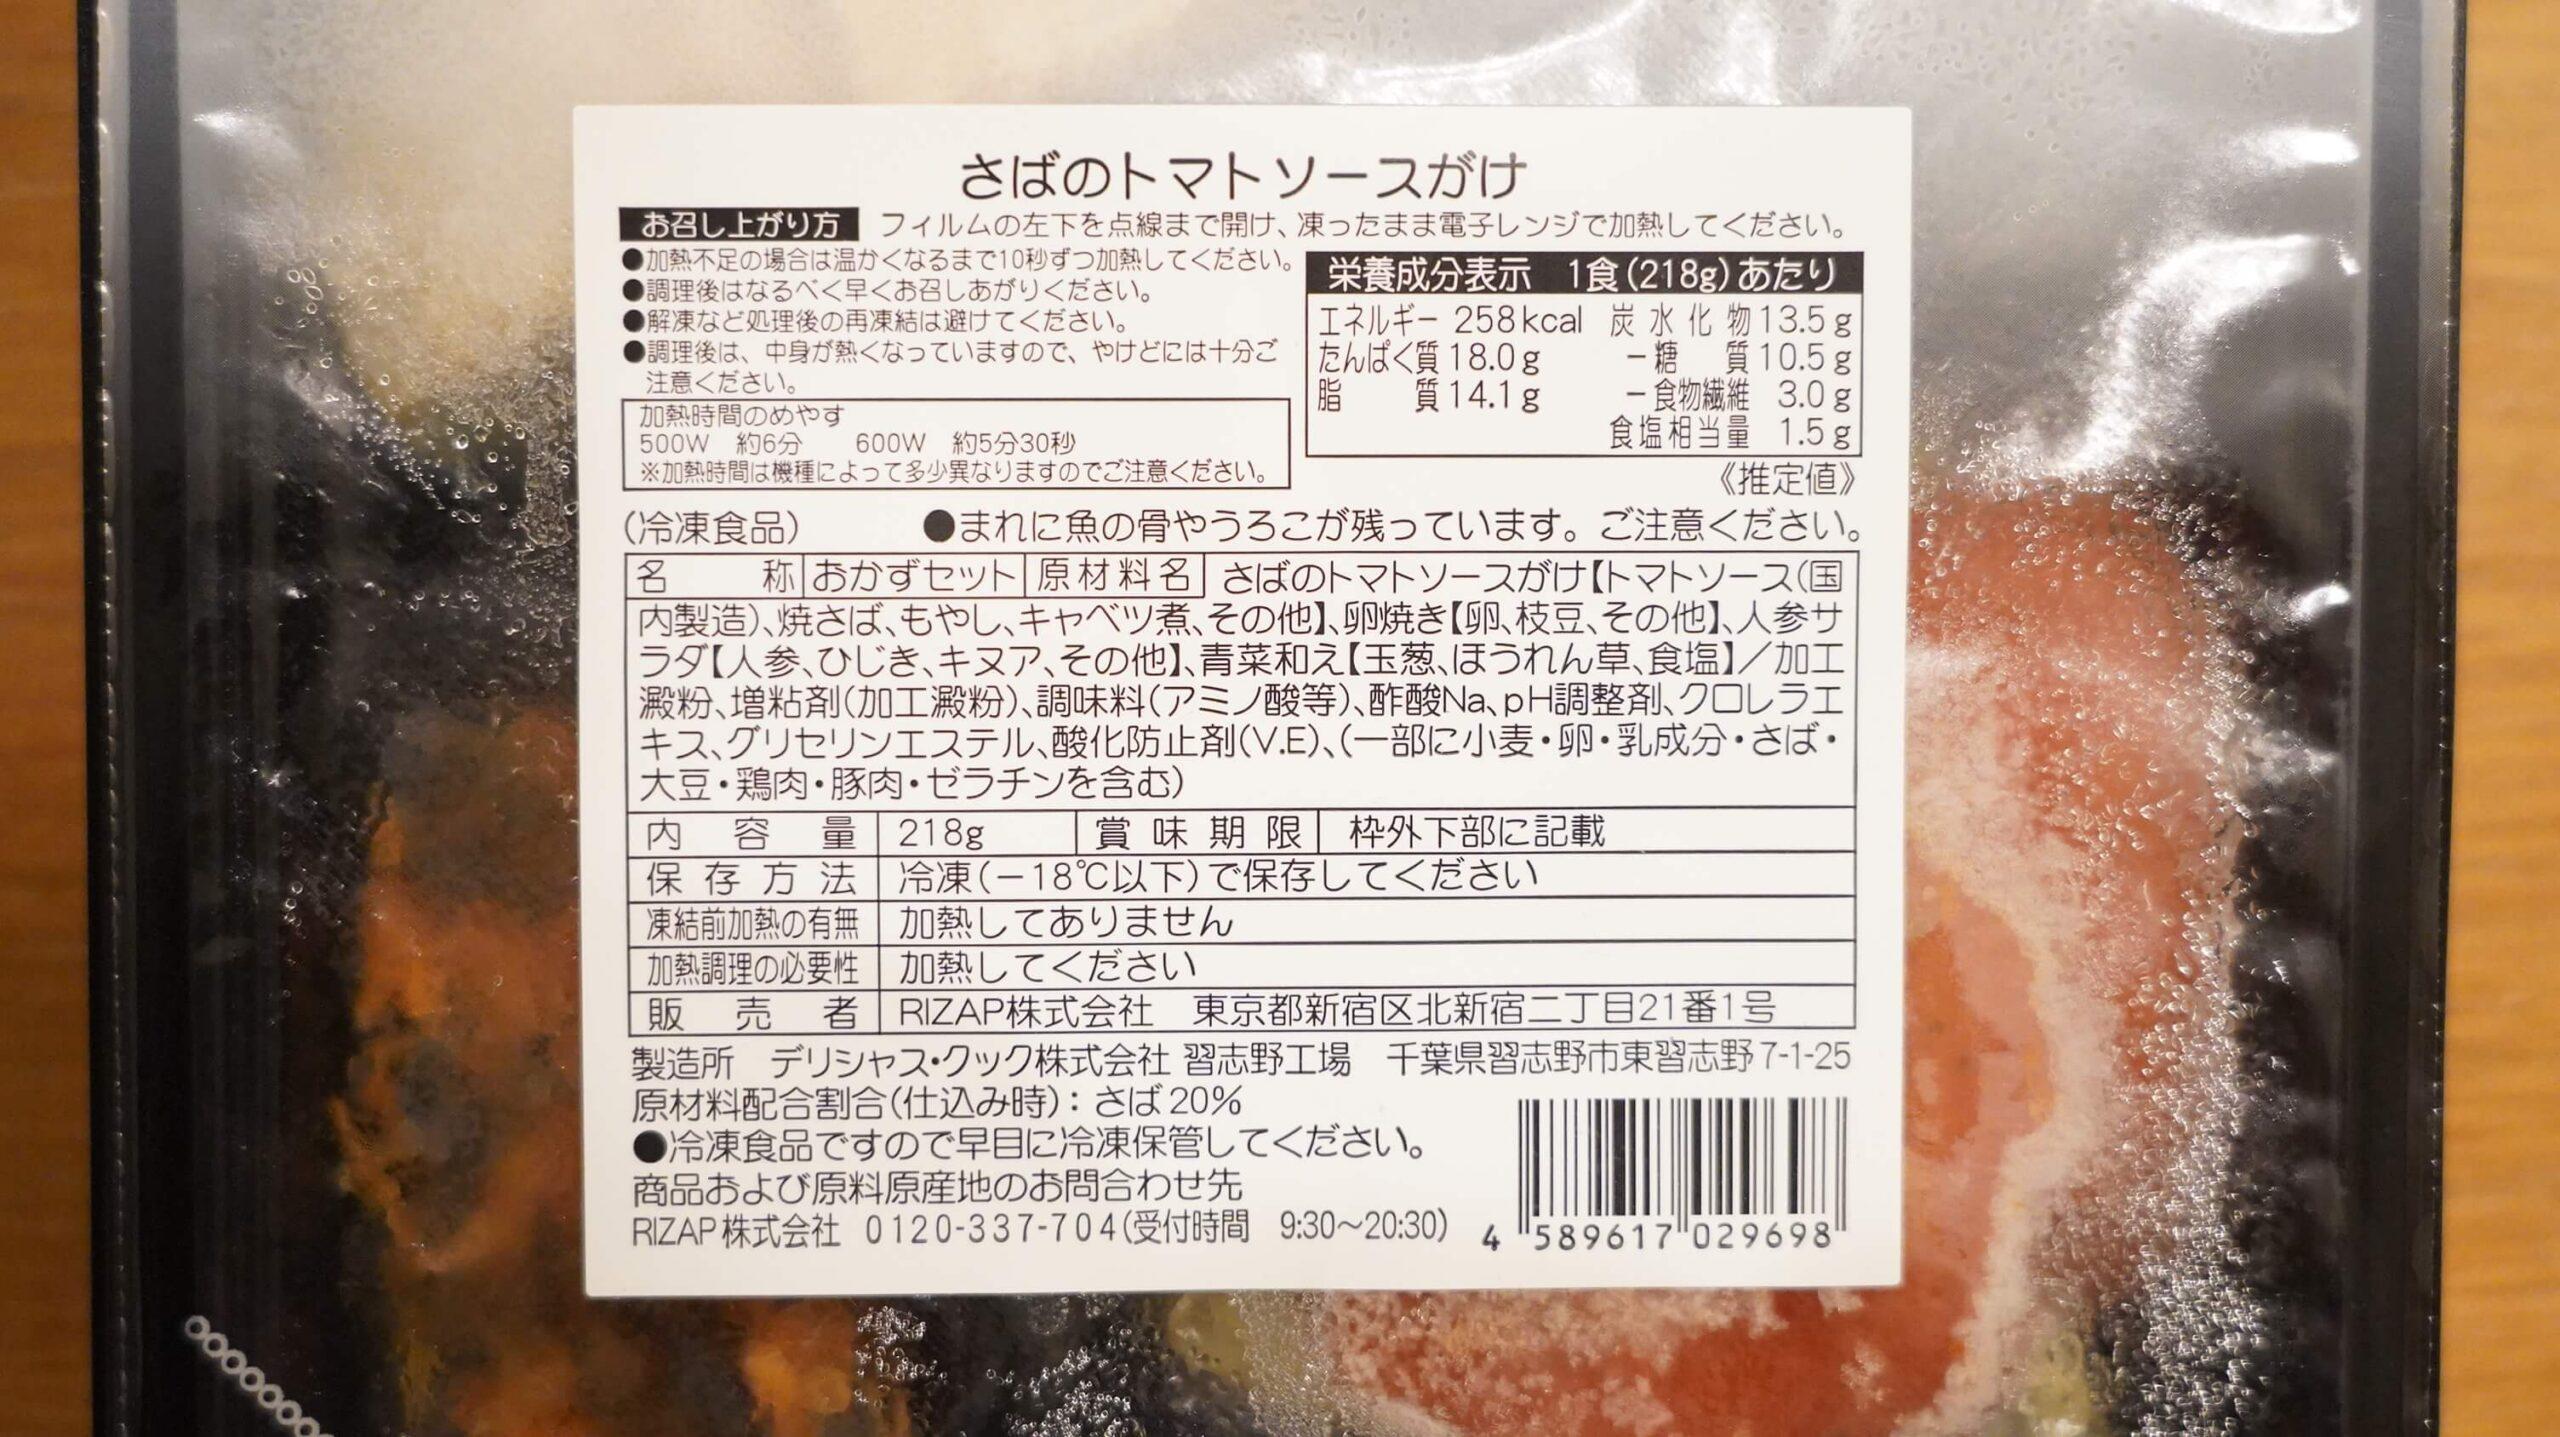 ライザップのサポートミール「さばのトマトソースがけ」の商品情報の写真